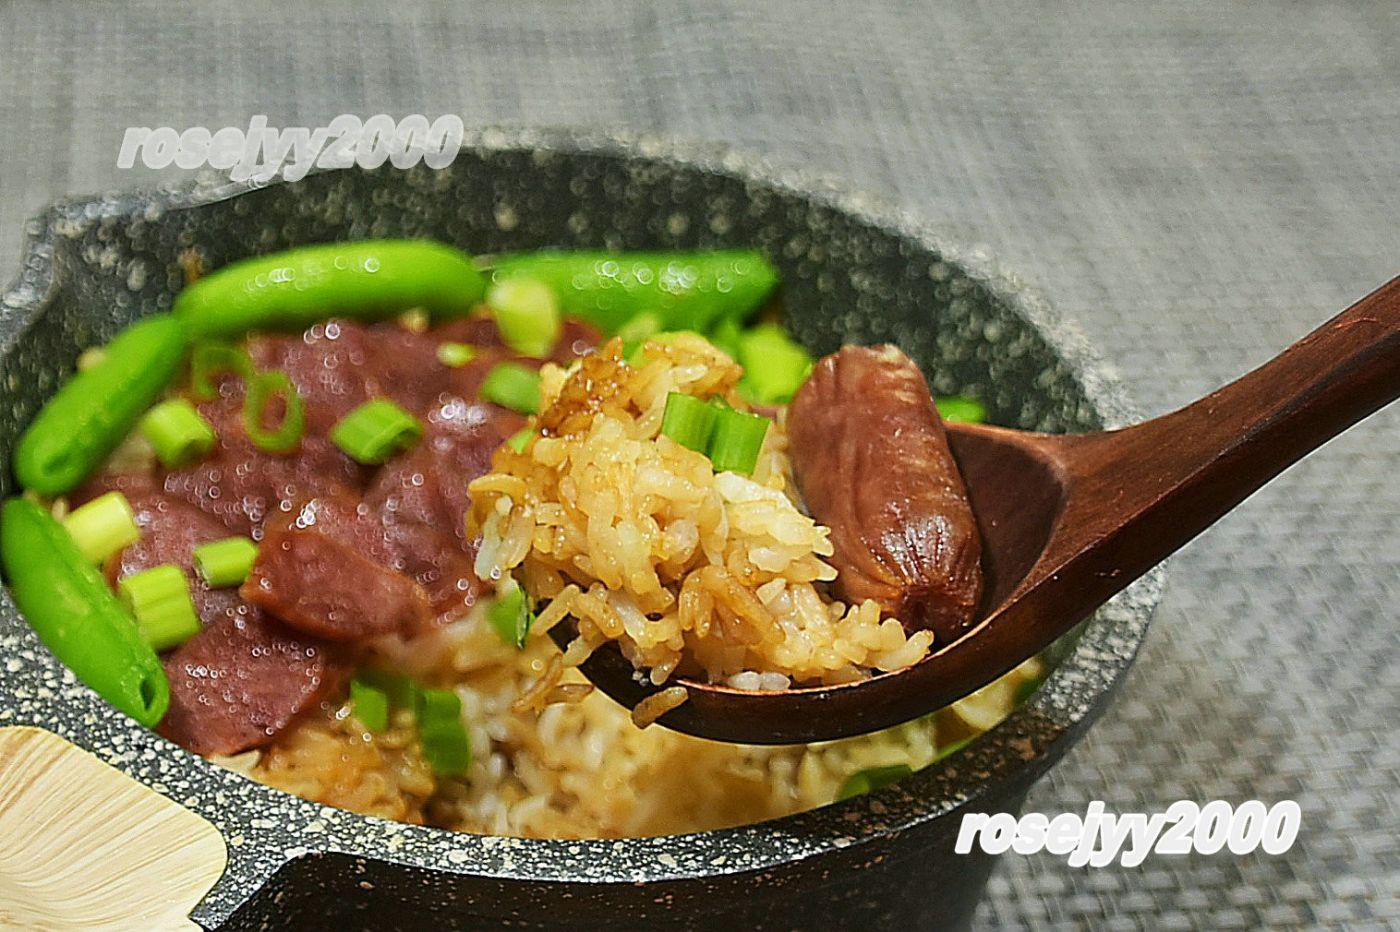 石鍋臘腸飯_圖1-1